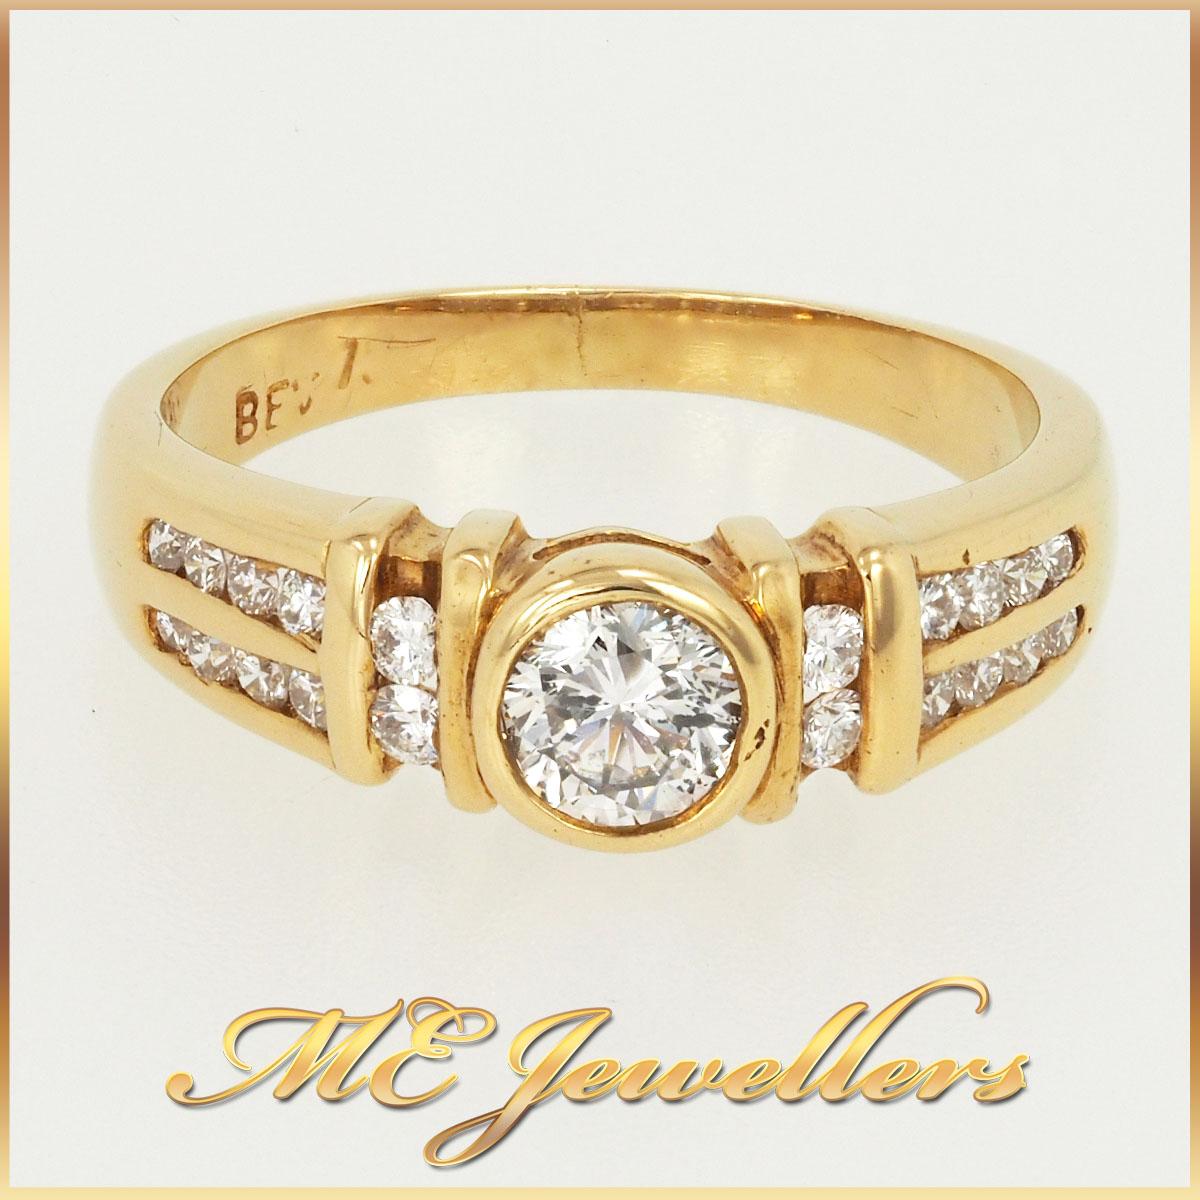 330 Round brilliant cut diamond ring 1